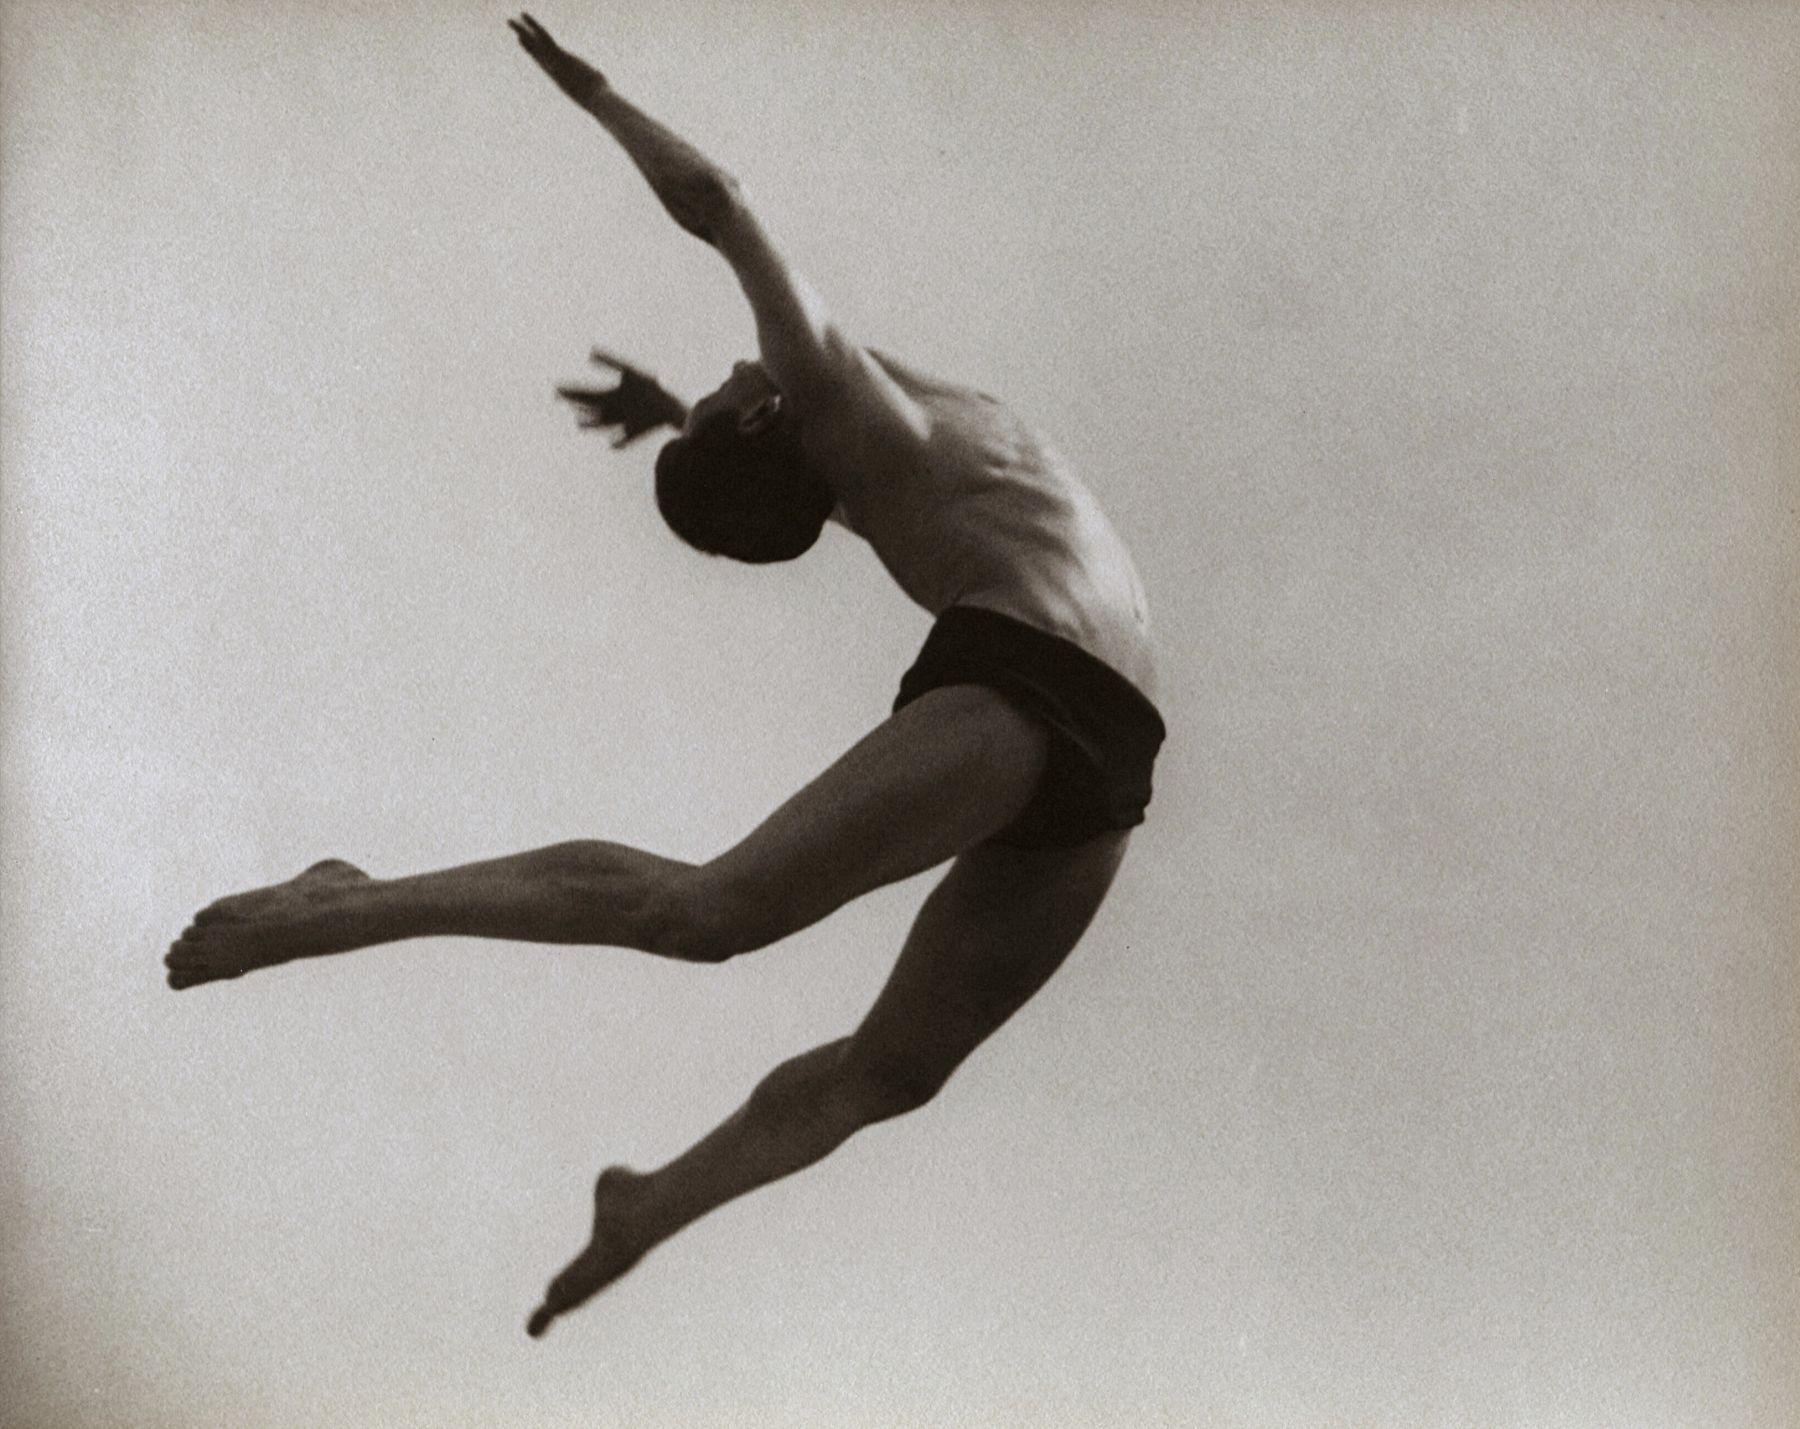 Ilse Bing, Dancer, Willem Van Loon, Paris, 1932